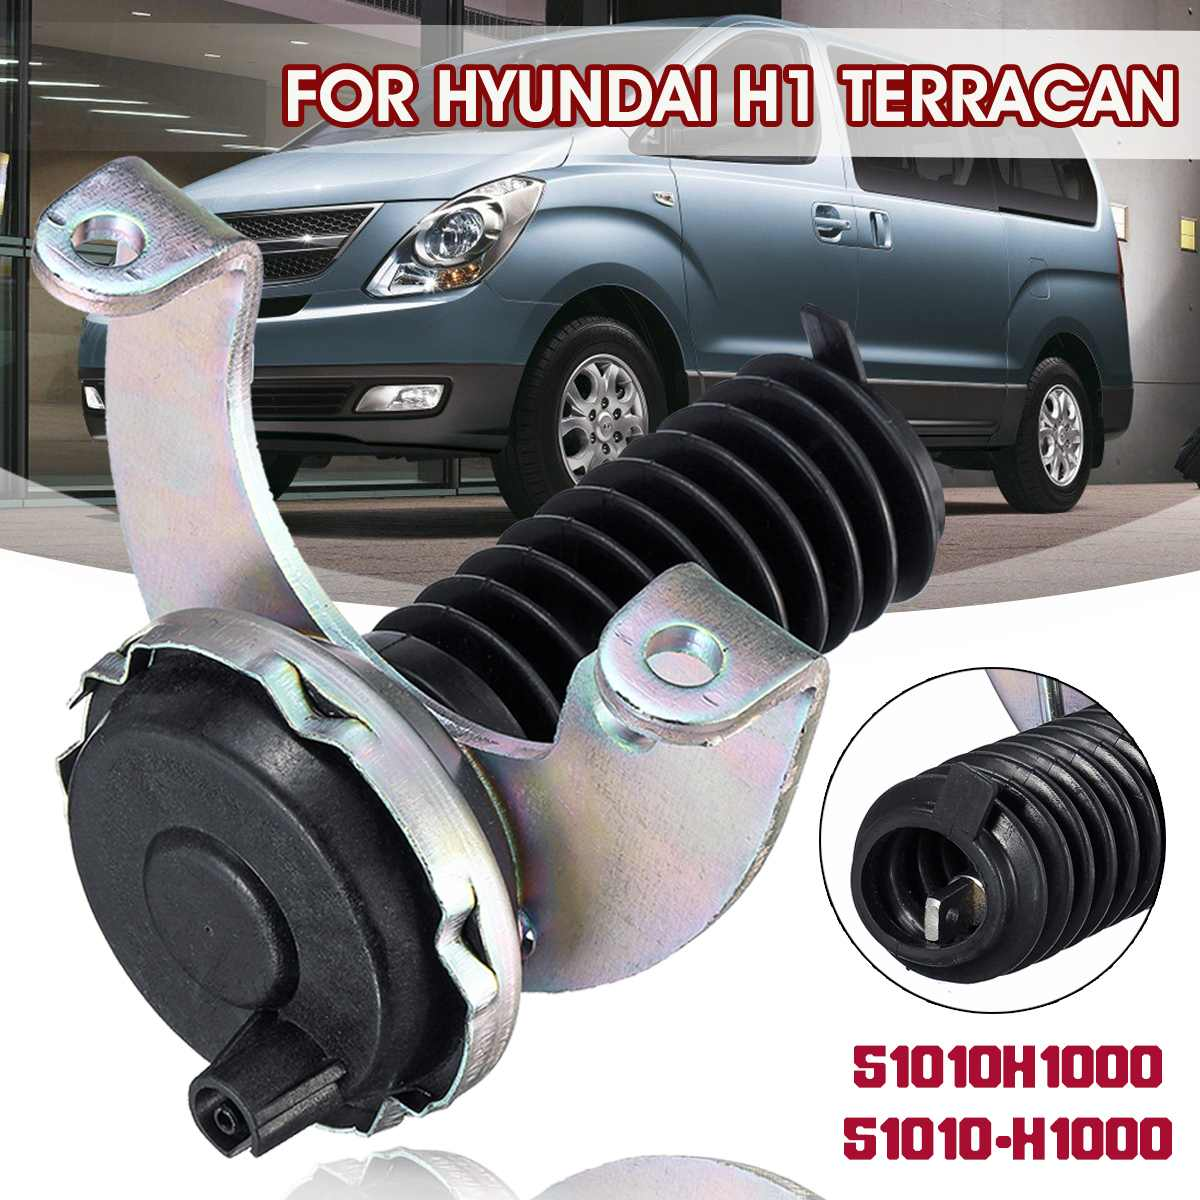 [해외]Car Front Freewheel Clutch Actuator Solenoid 51010H1000 For Hyundai H-1 2002-2007 Terracan 2001 2002 2003/Car Front Freewheel Clutch Actuator Sole